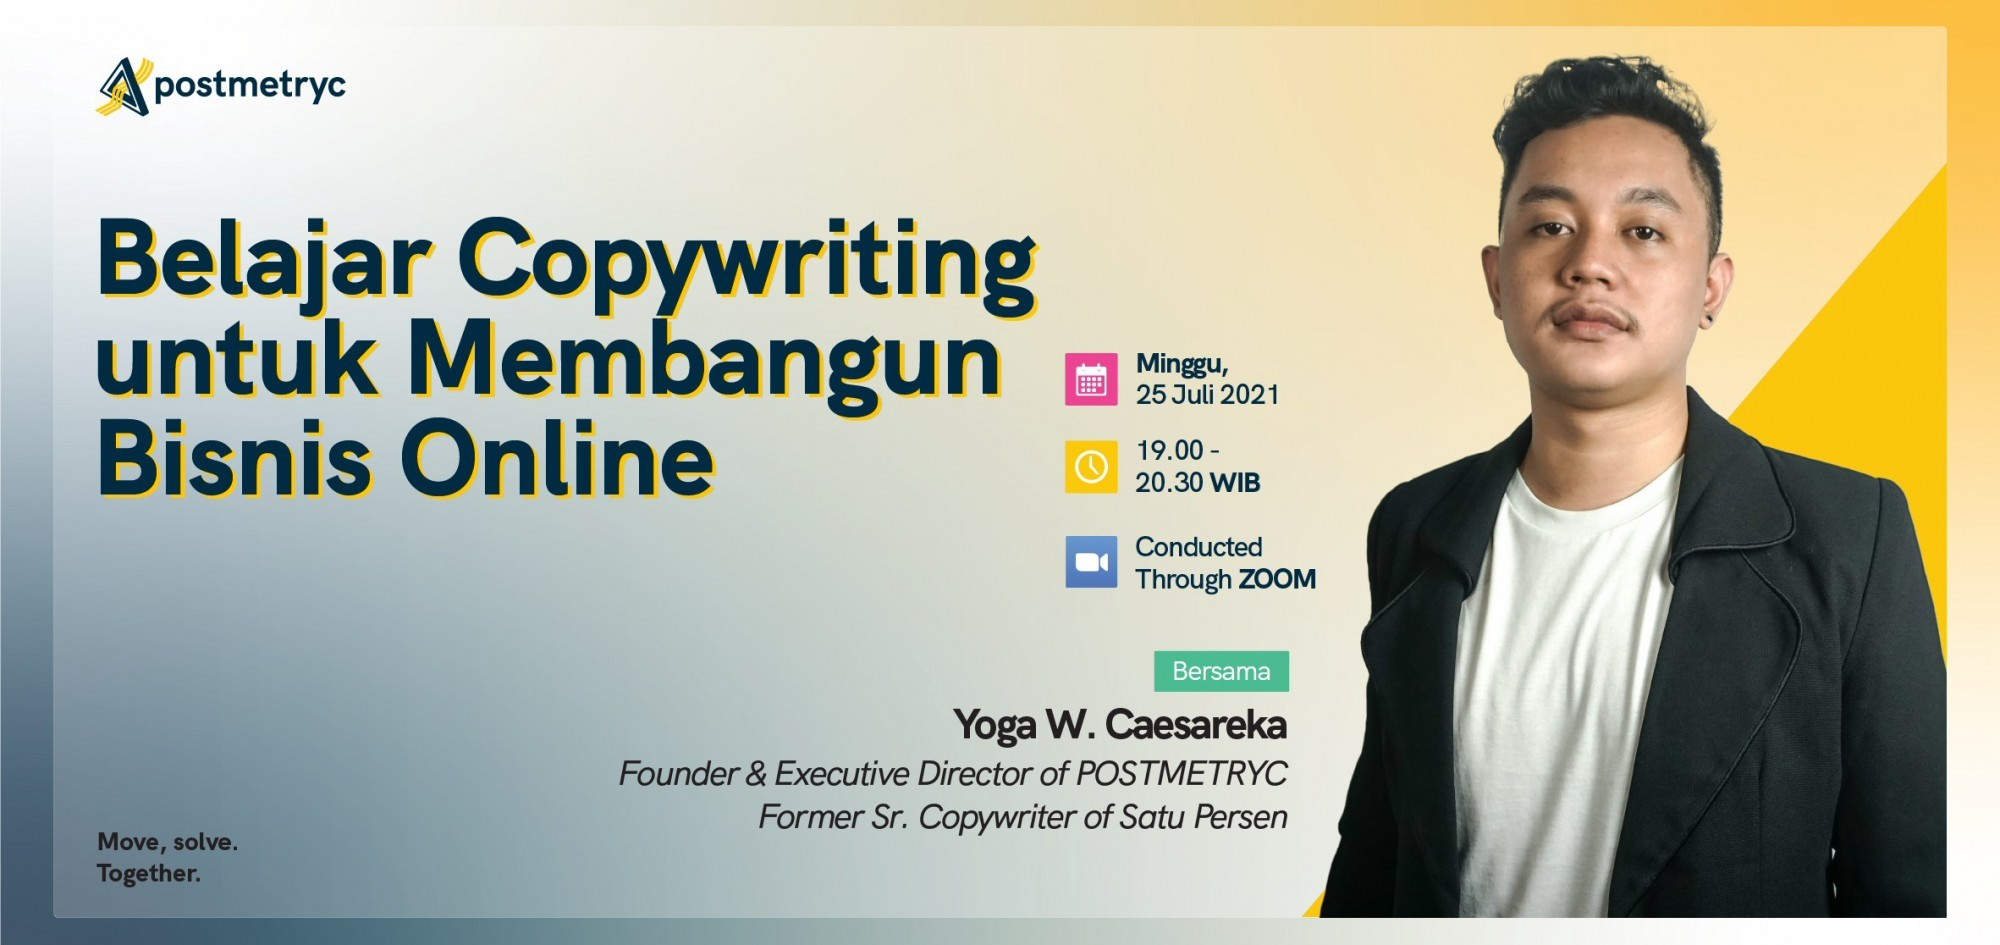 Belajar Copywriting untuk Membangun Bisnis Online